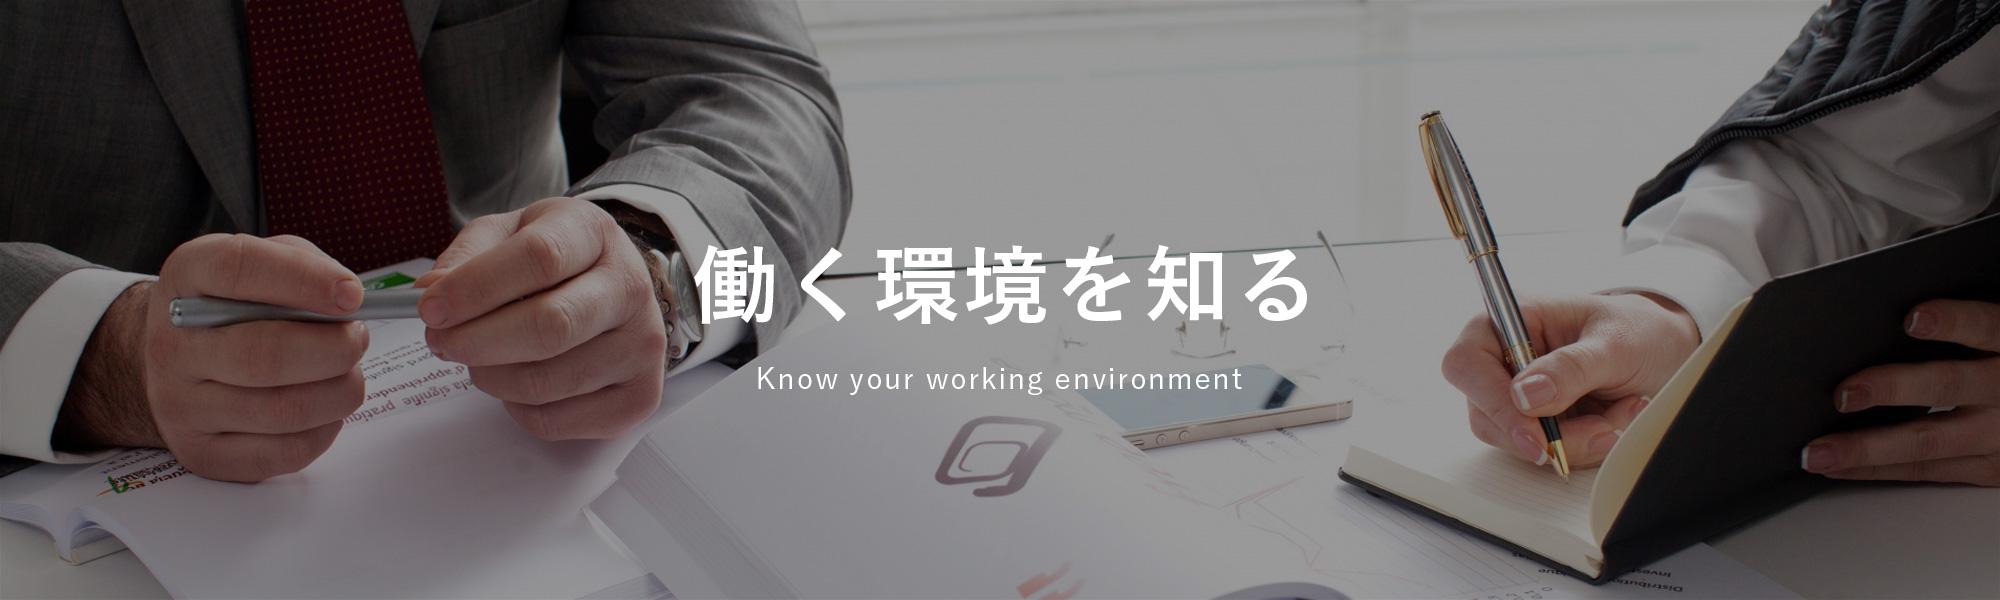 働く環境を知る